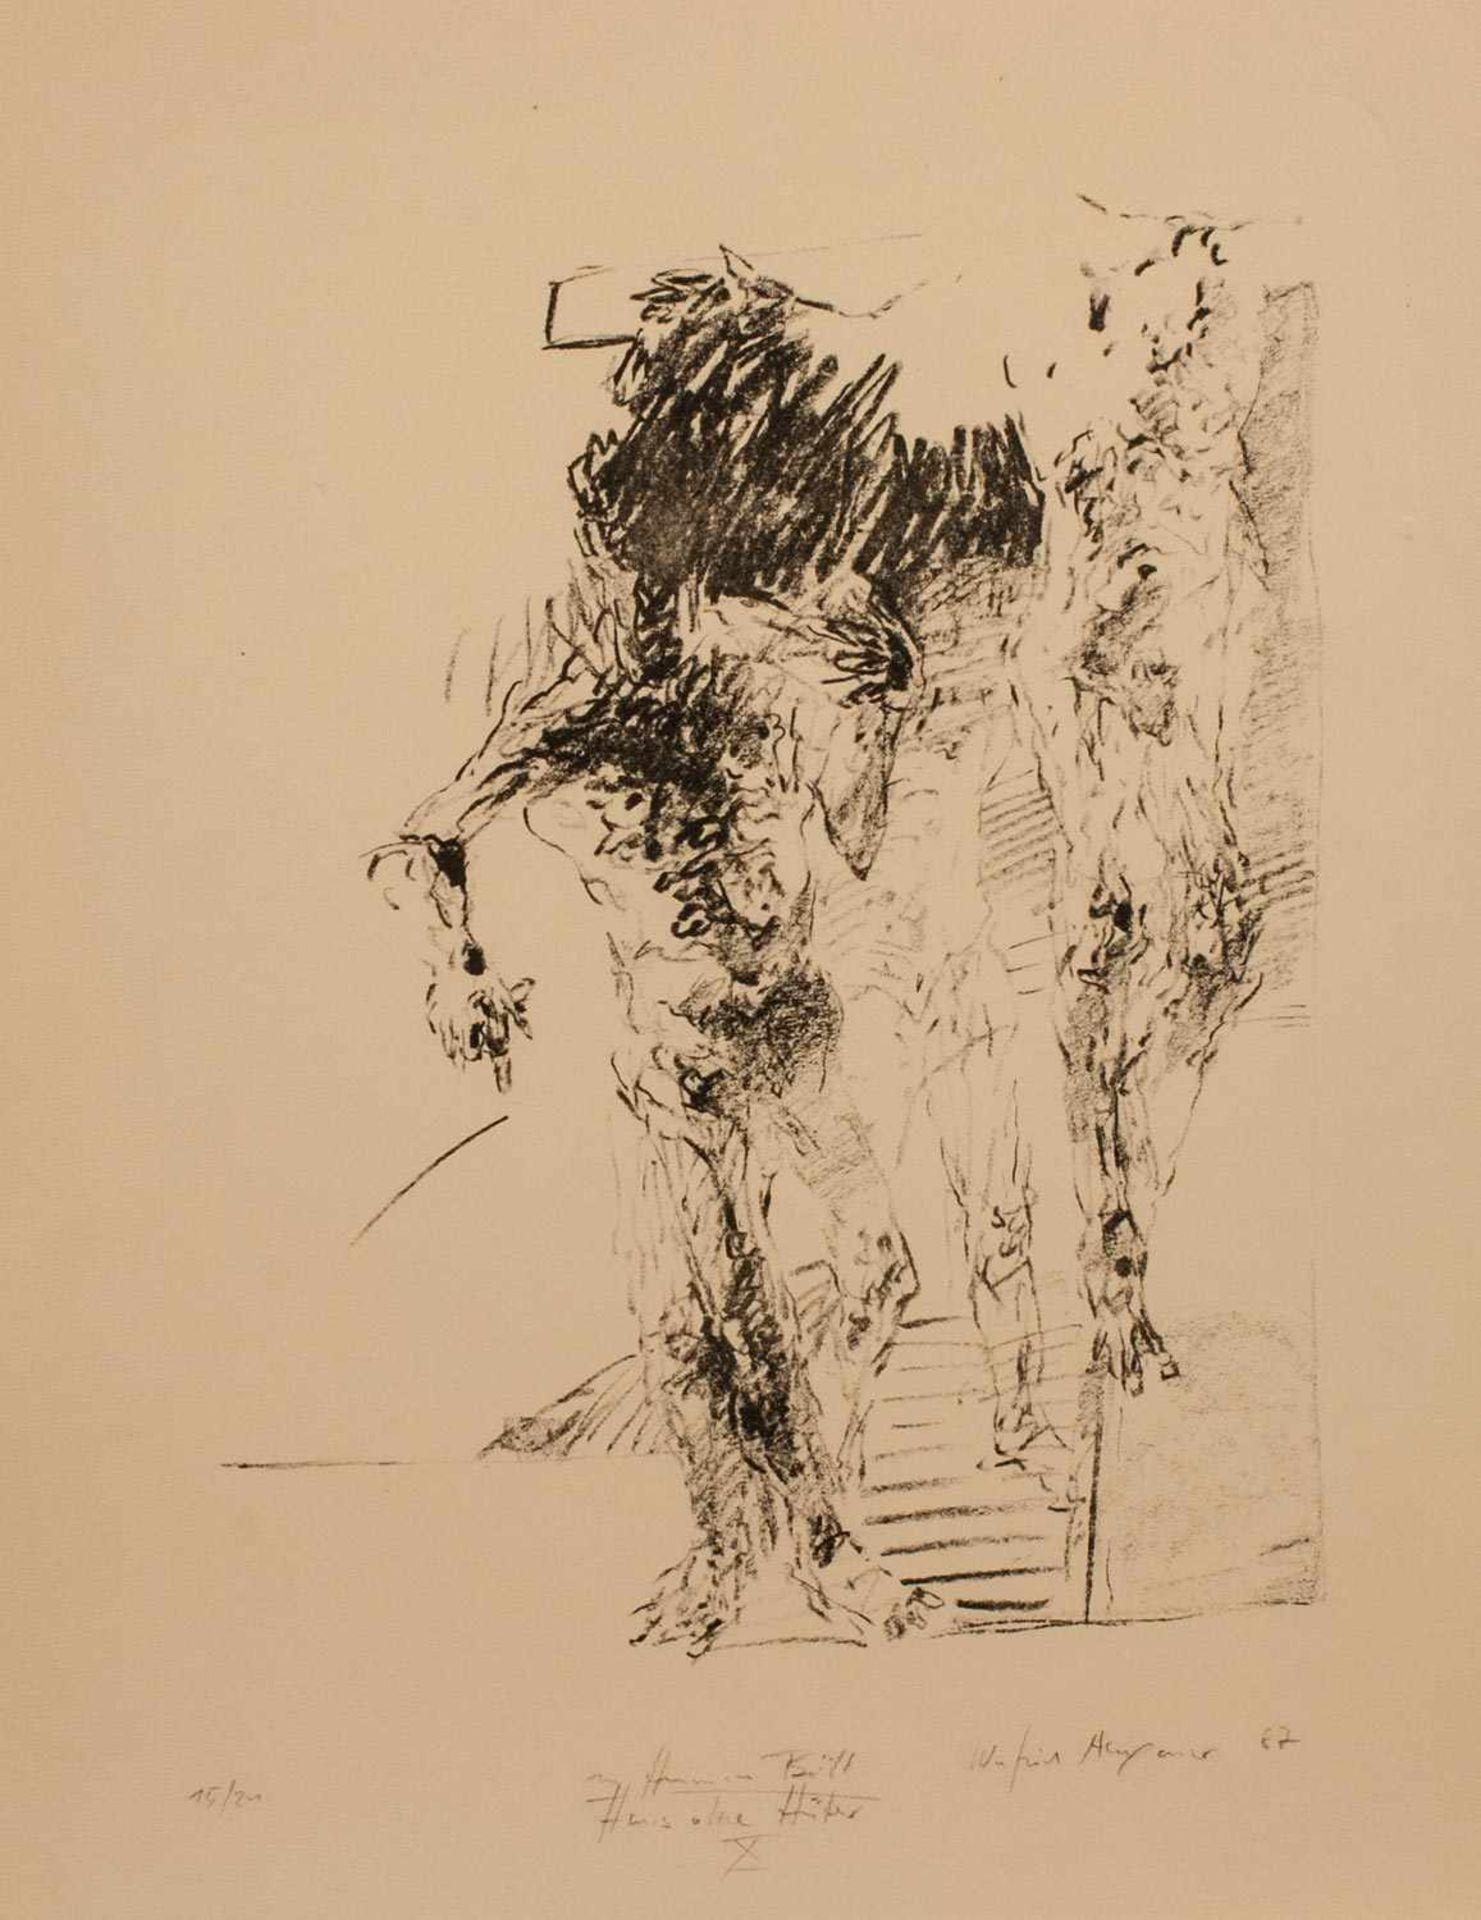 Winfried Alexander (deutscher Maler u. Graphiker, Dozent an d. Kunsthochschule Halle-Burg